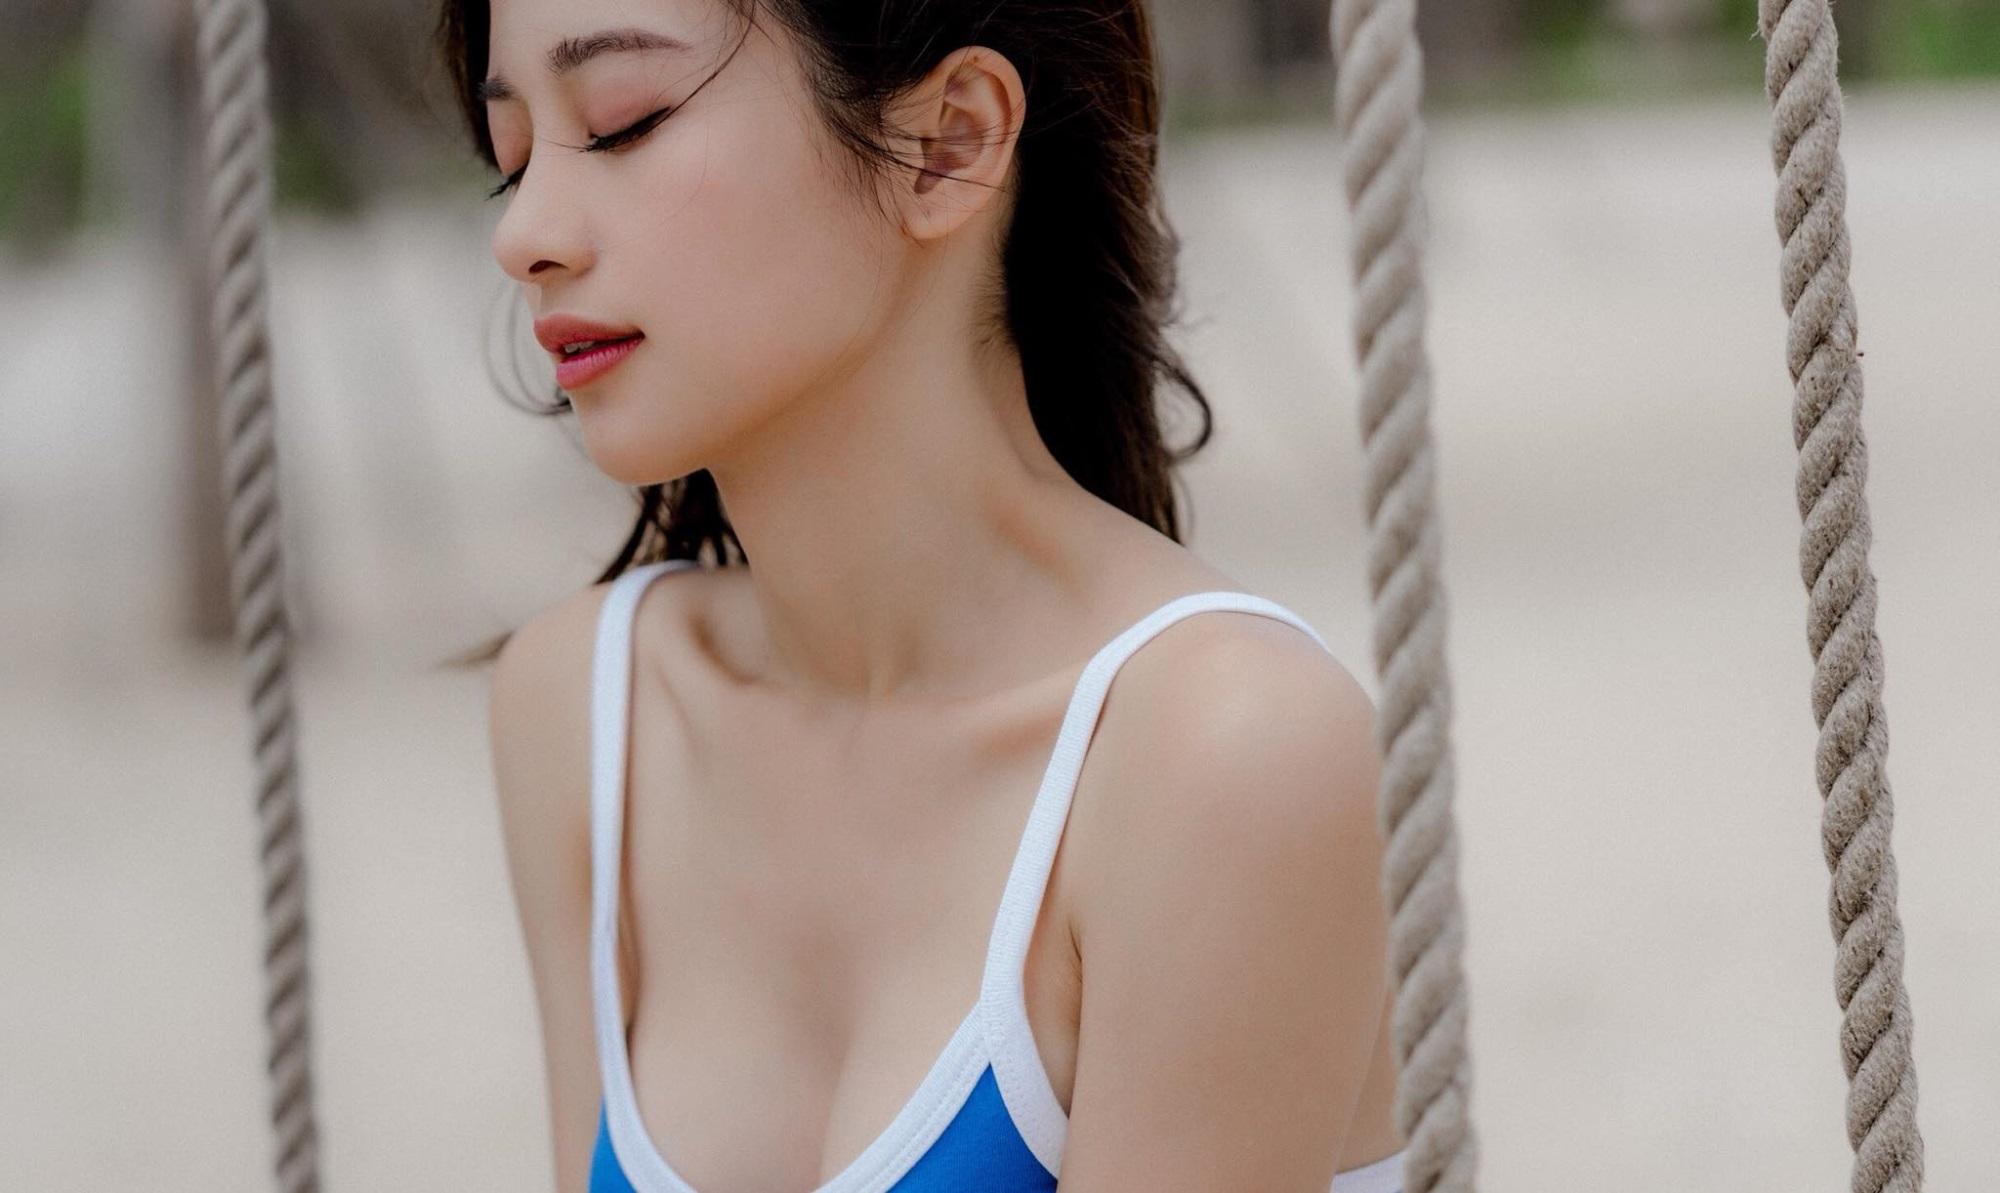 Jun Vũ khoe ngực đầy trong bộ ảnh 'đẹp miễn chê' ở Phú Quốc - Ảnh 2